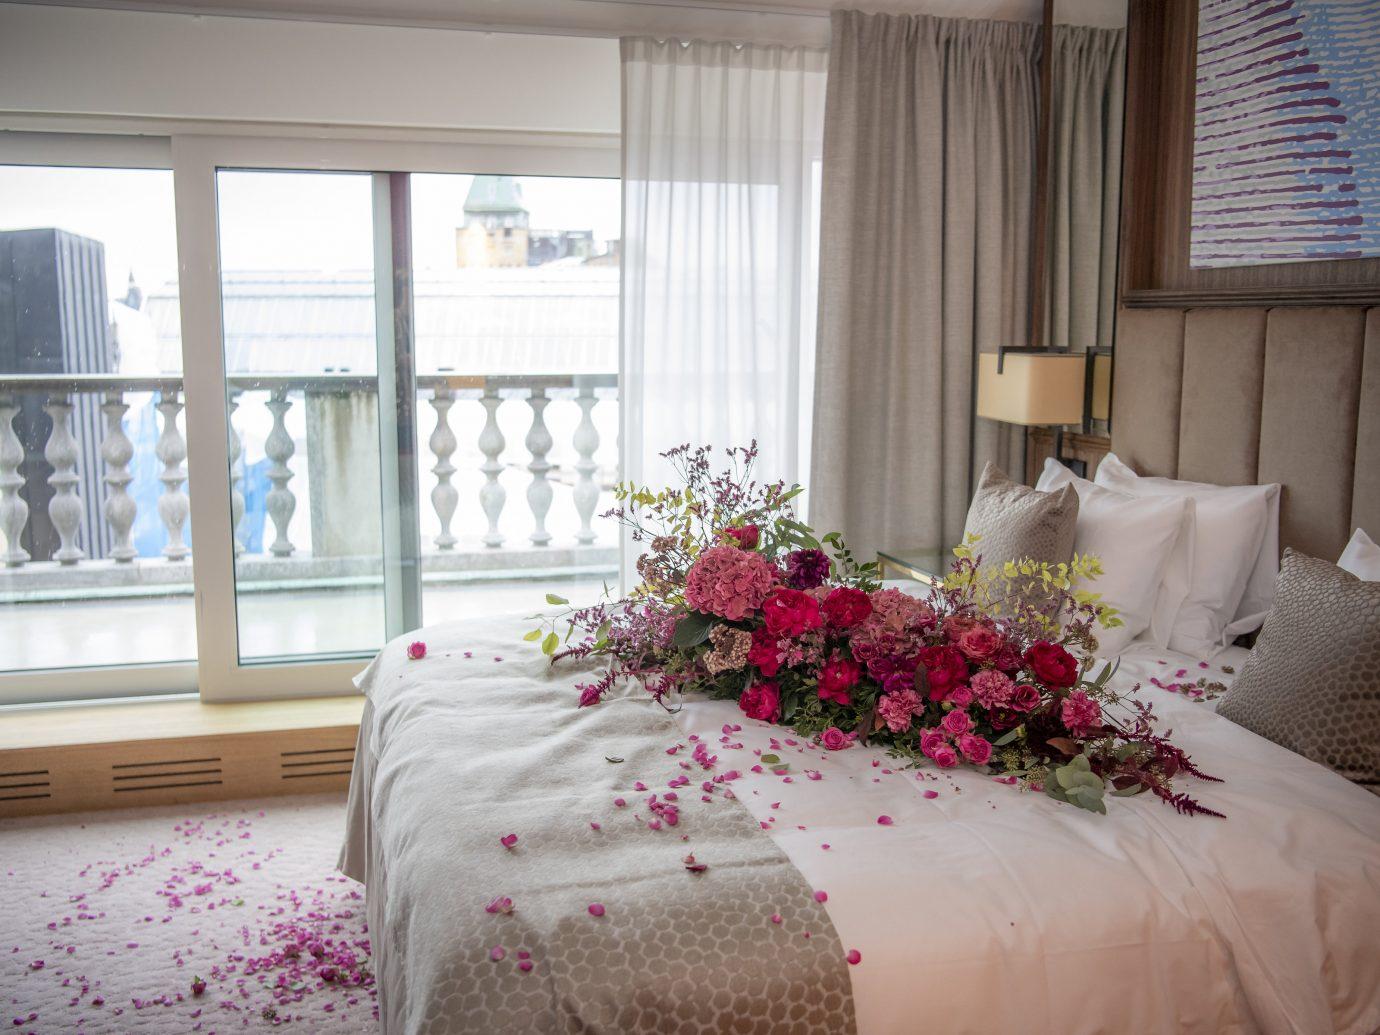 Room in Bank Hotel Stockholm